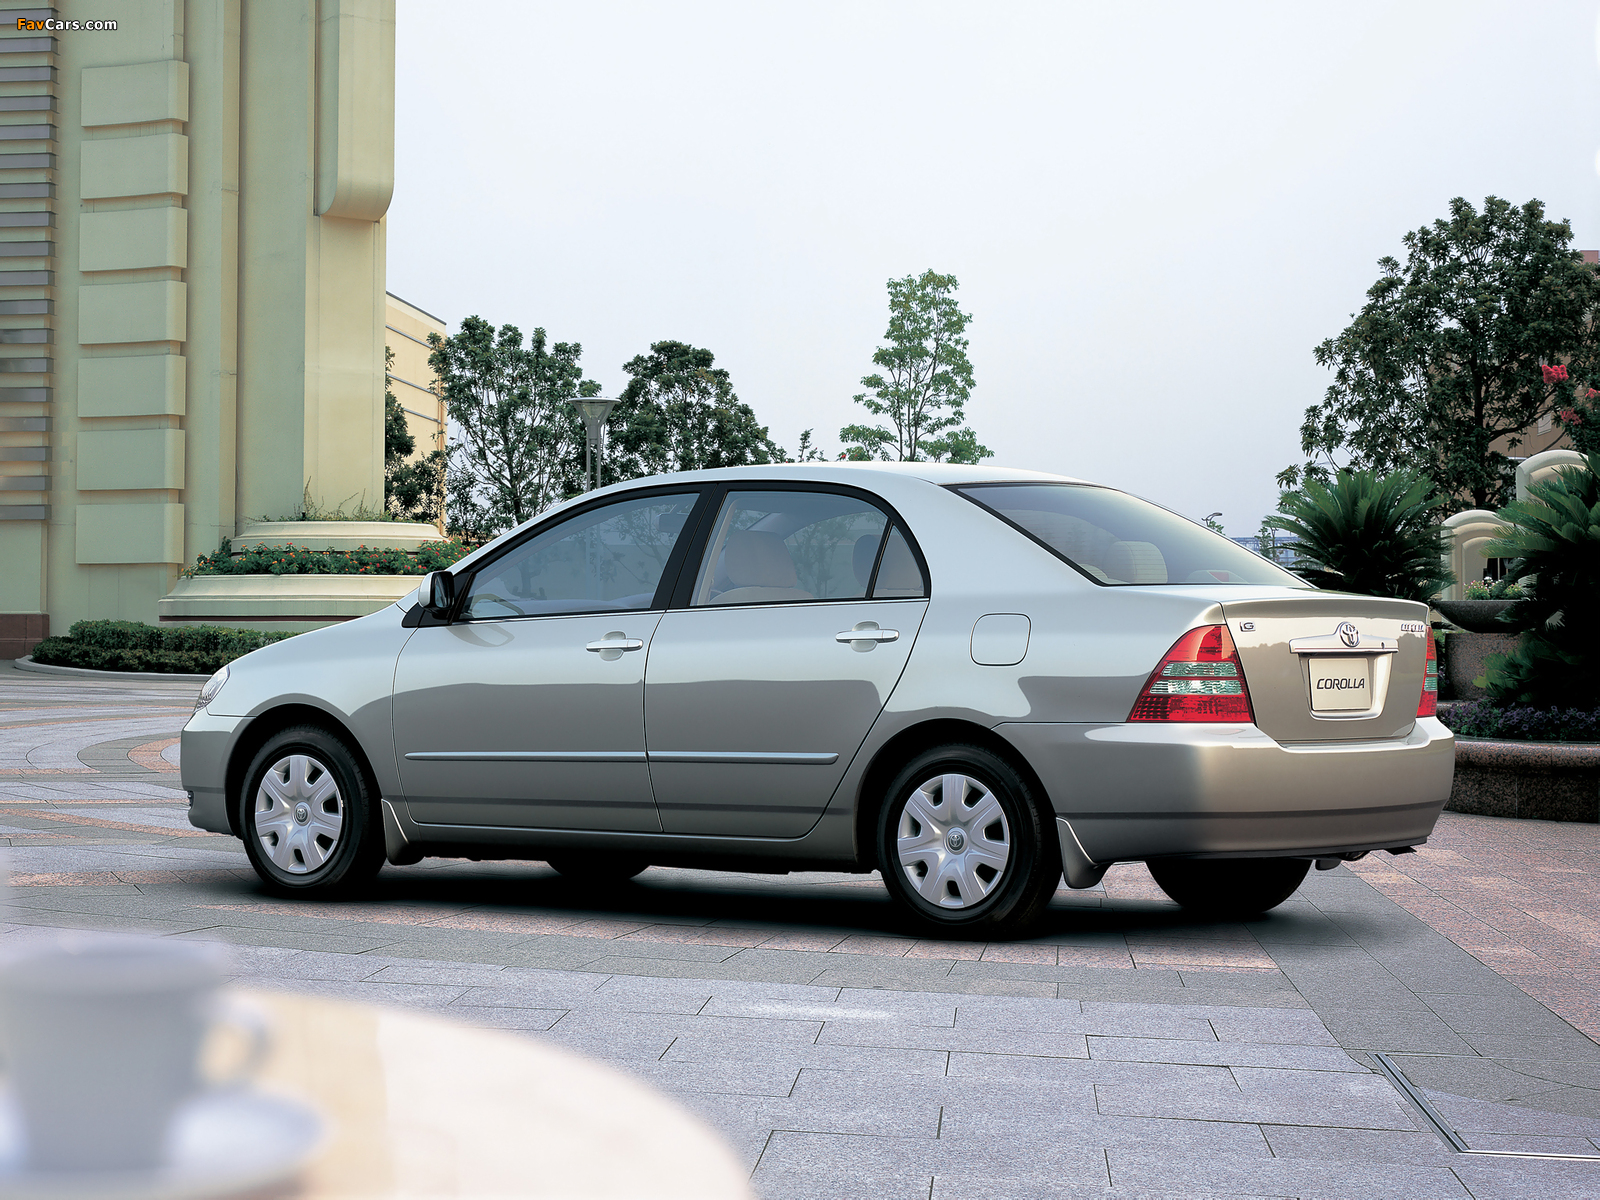 Toyota Corolla (Королла) 2013 – фото, цена, технические ...